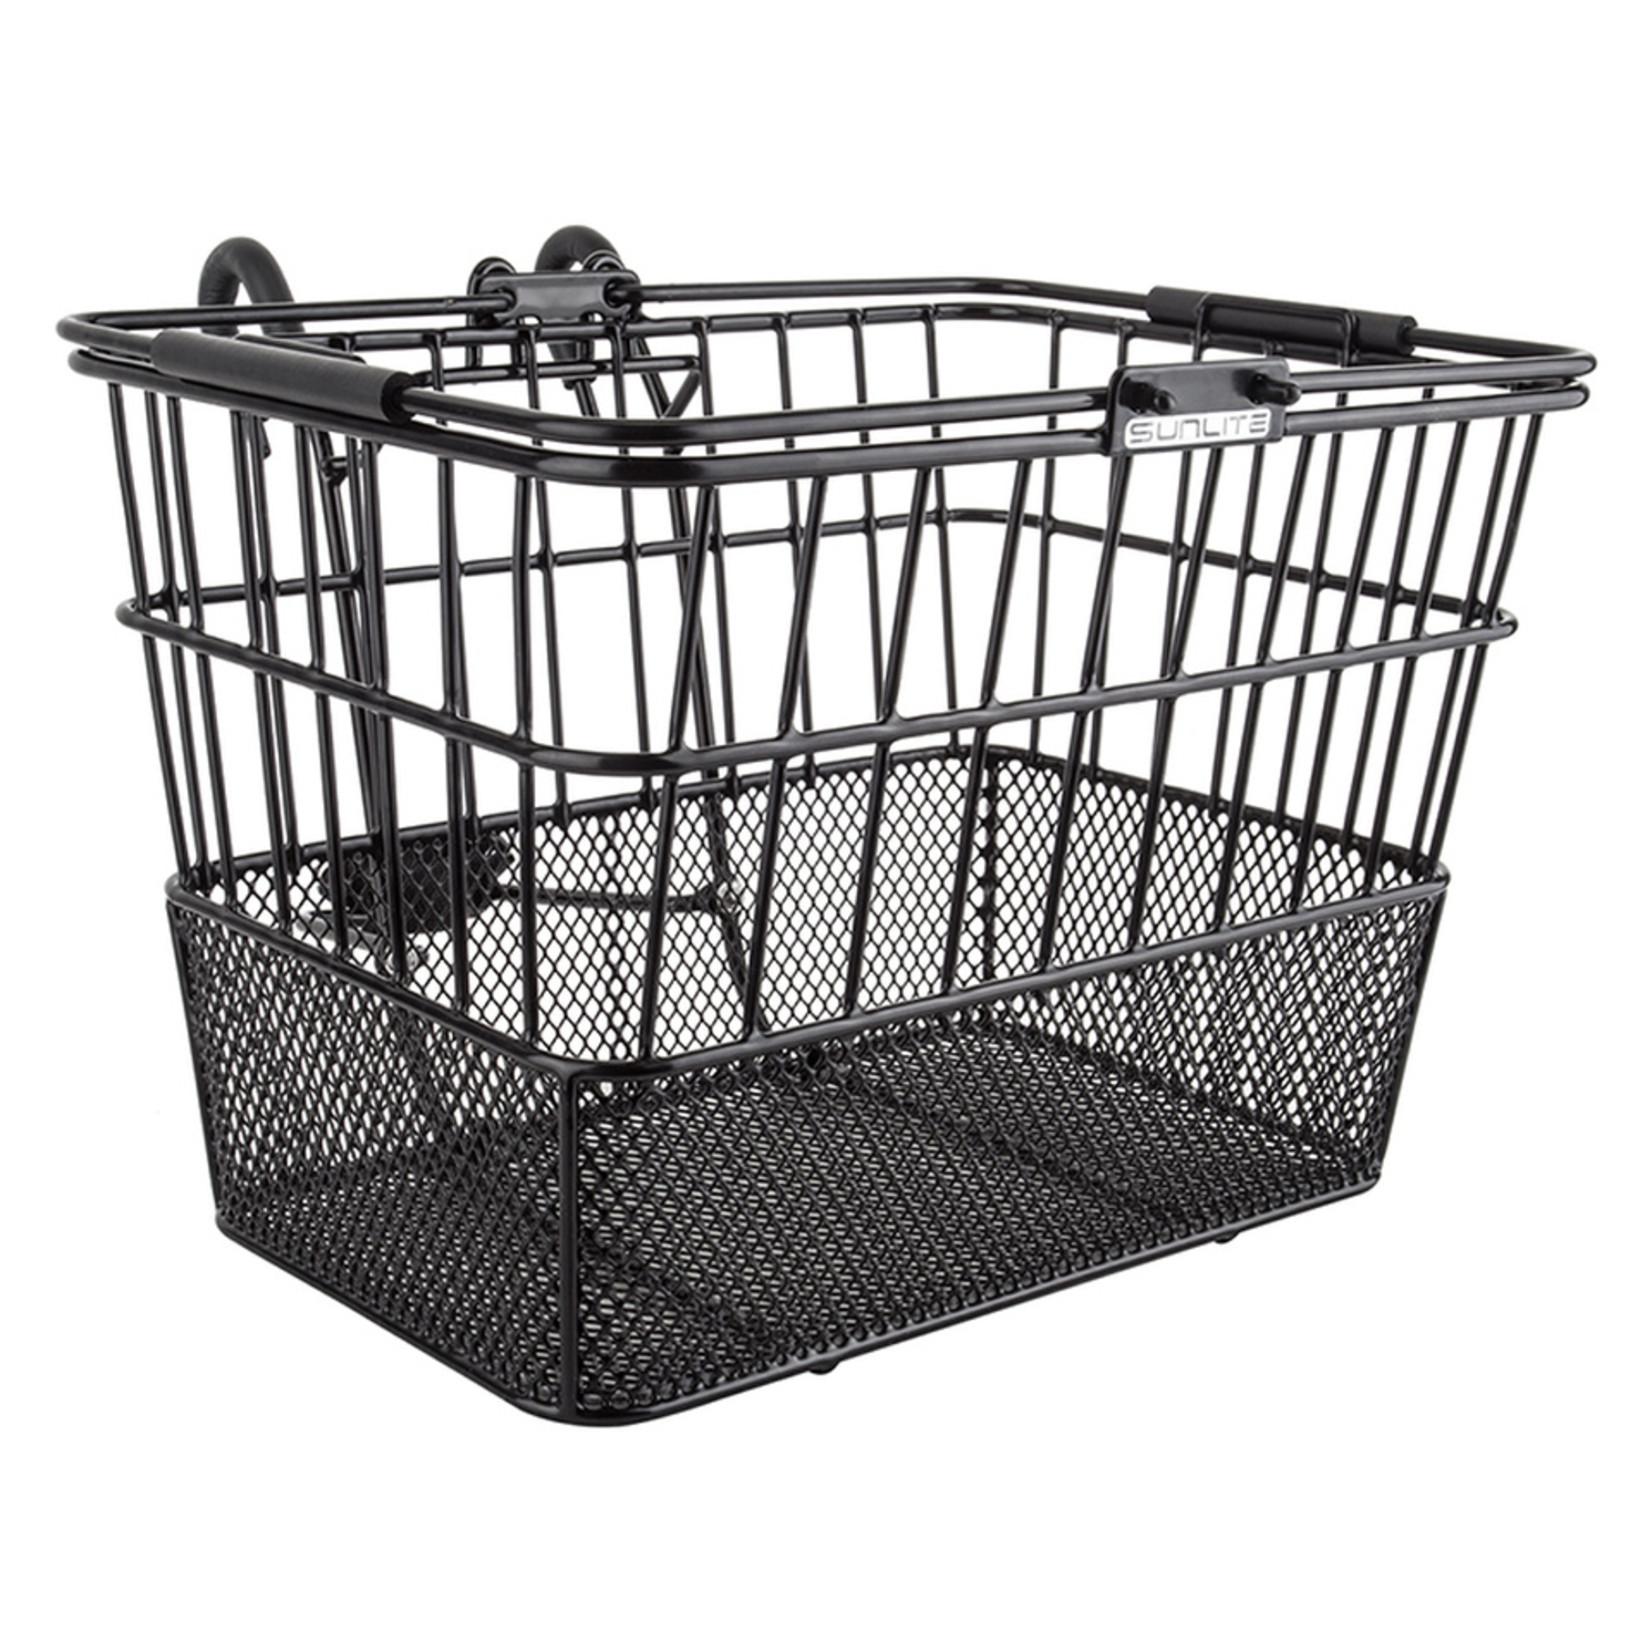 Sunlite Basket Black